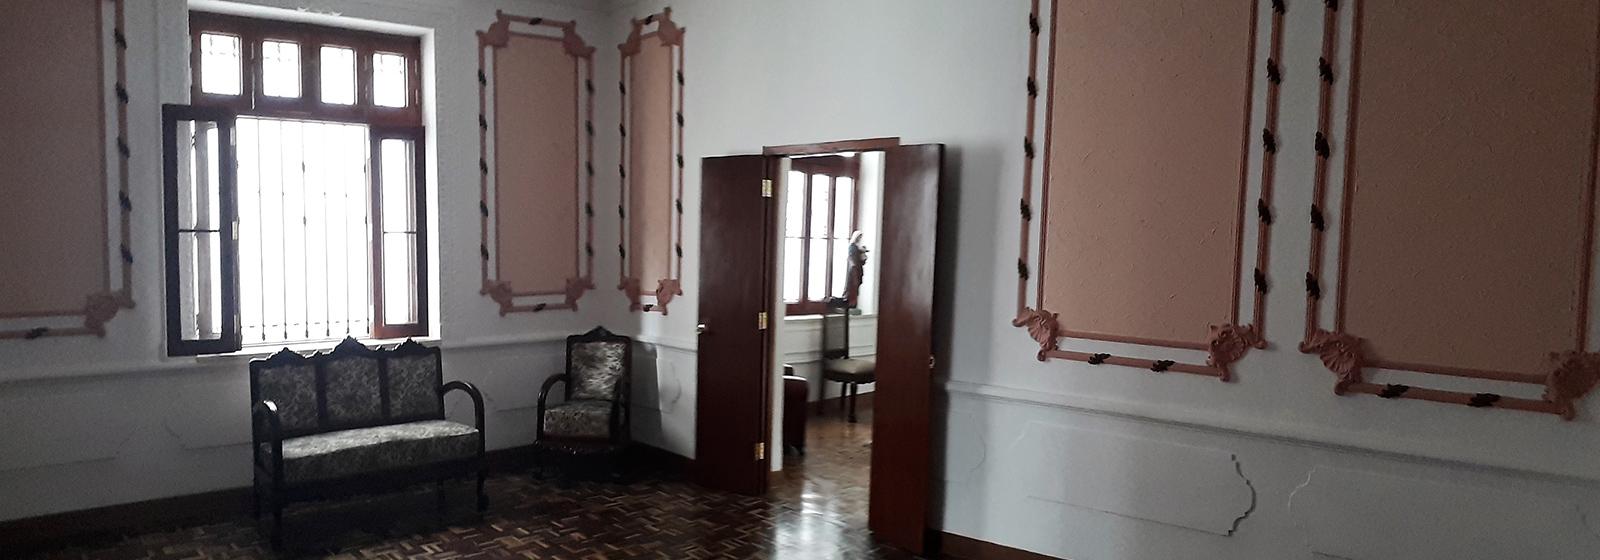 Vendo Residencia Valor Monumental y Bien Cultural en Miraflores